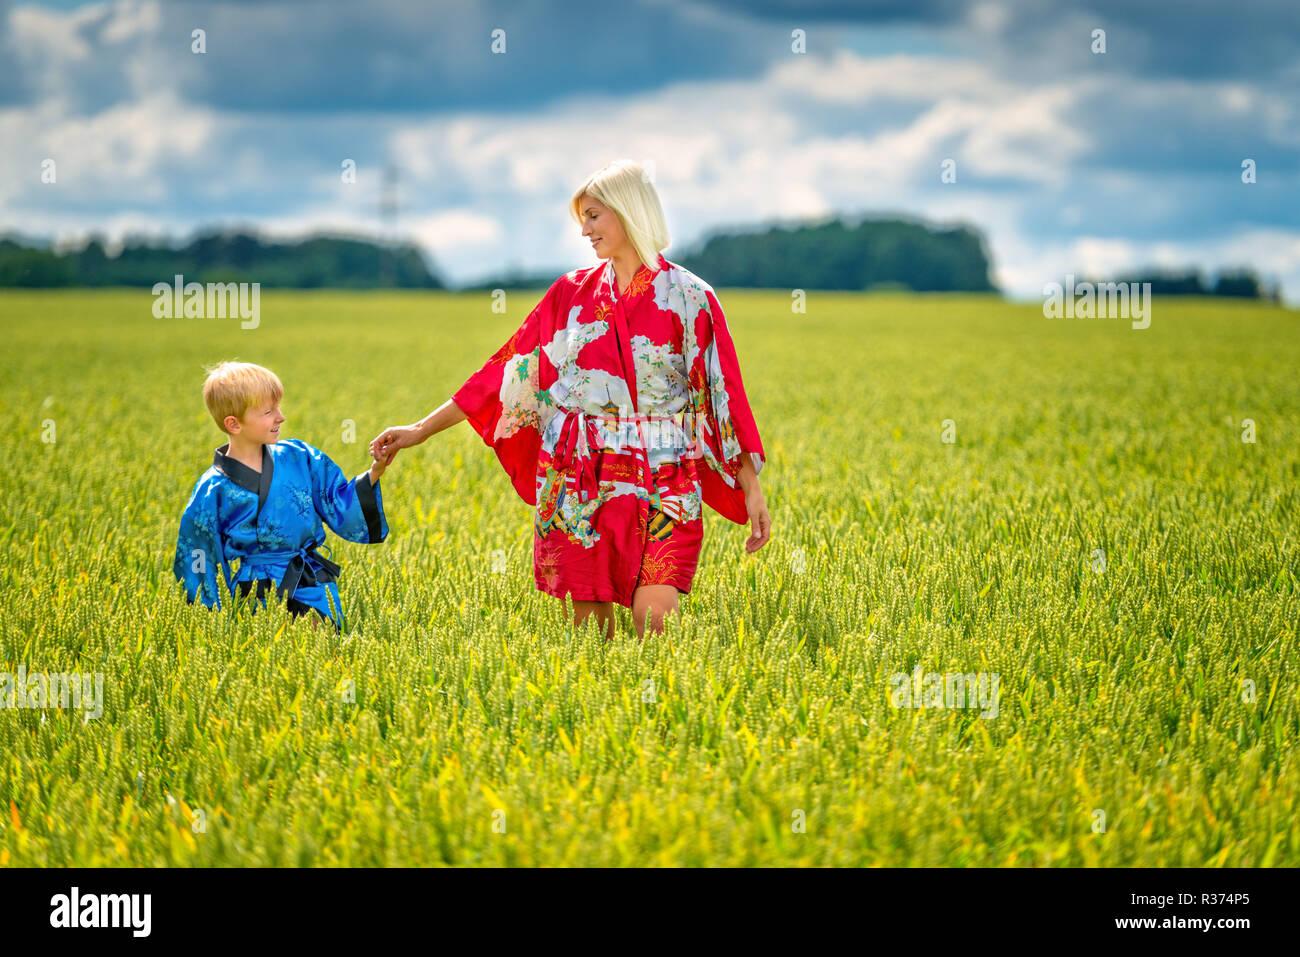 Mujer rubia y el muchacho, vestida en kimono, vaya a través del campo de cultivo Fotografía de stock - Alamy